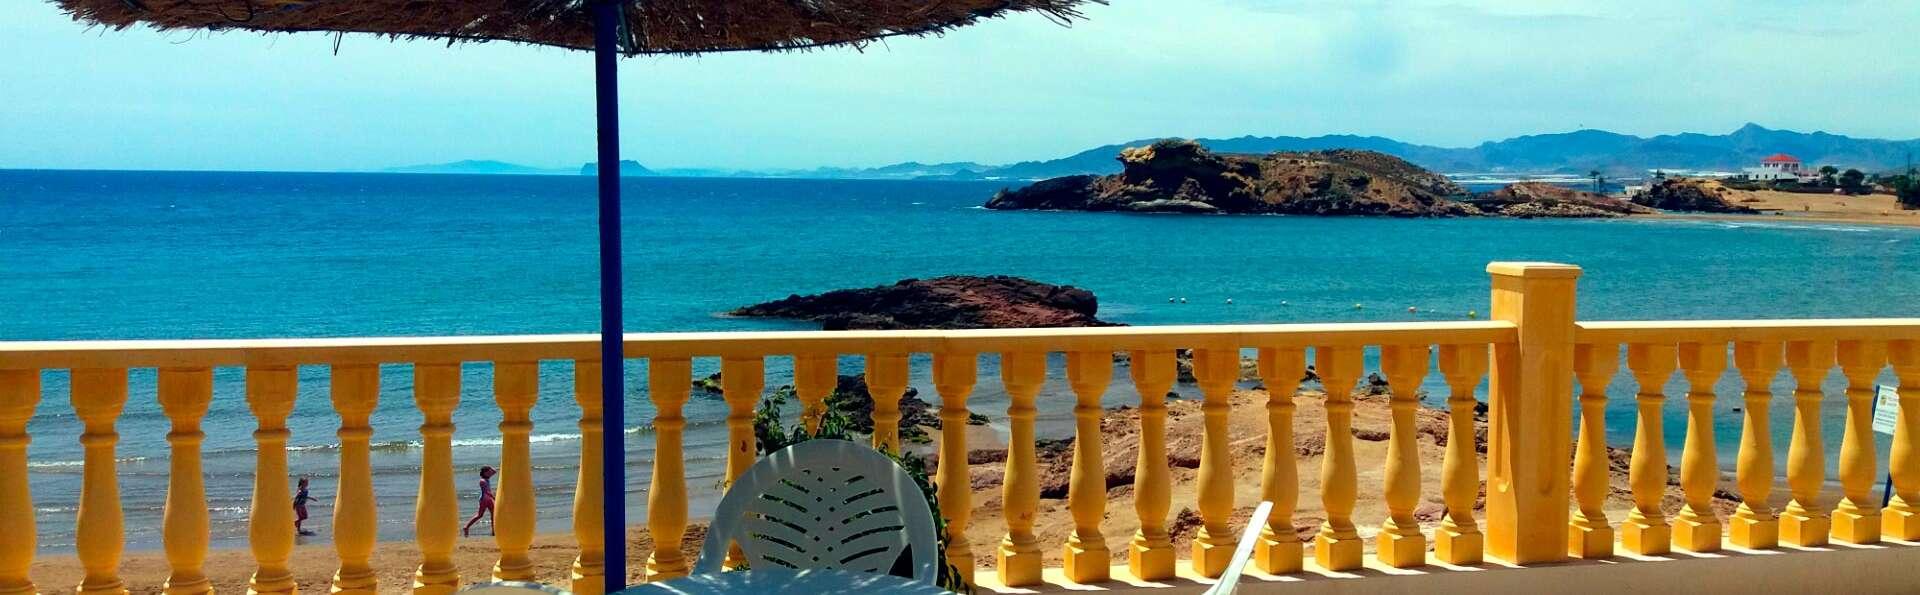 Escapada frente al mar con desayuno y parking incluido en el Puerto de Mazarrón